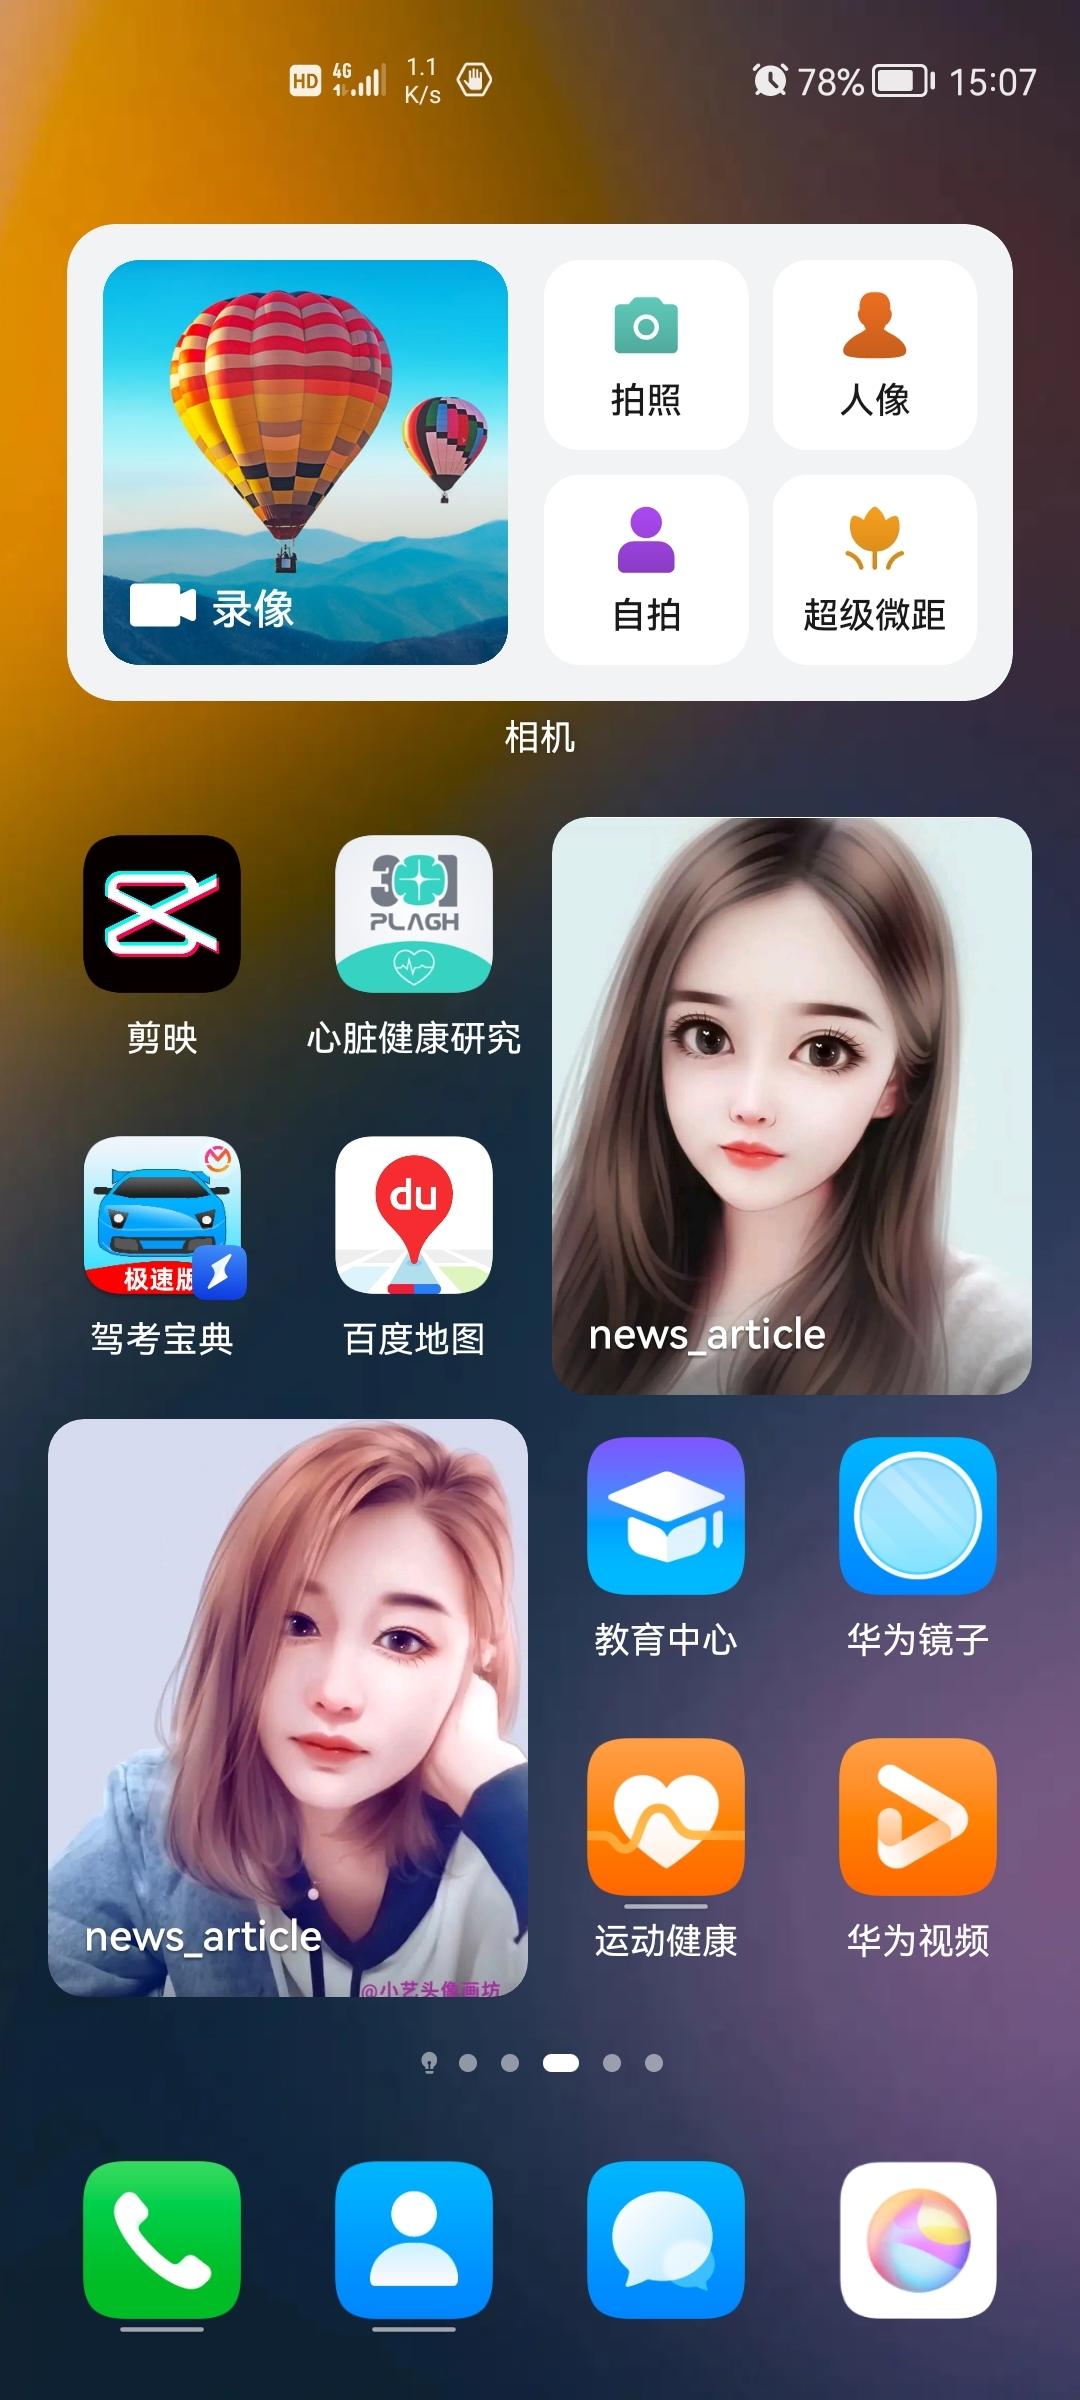 Screenshot_20210923_150747_com.huawei.android.launcher.jpg